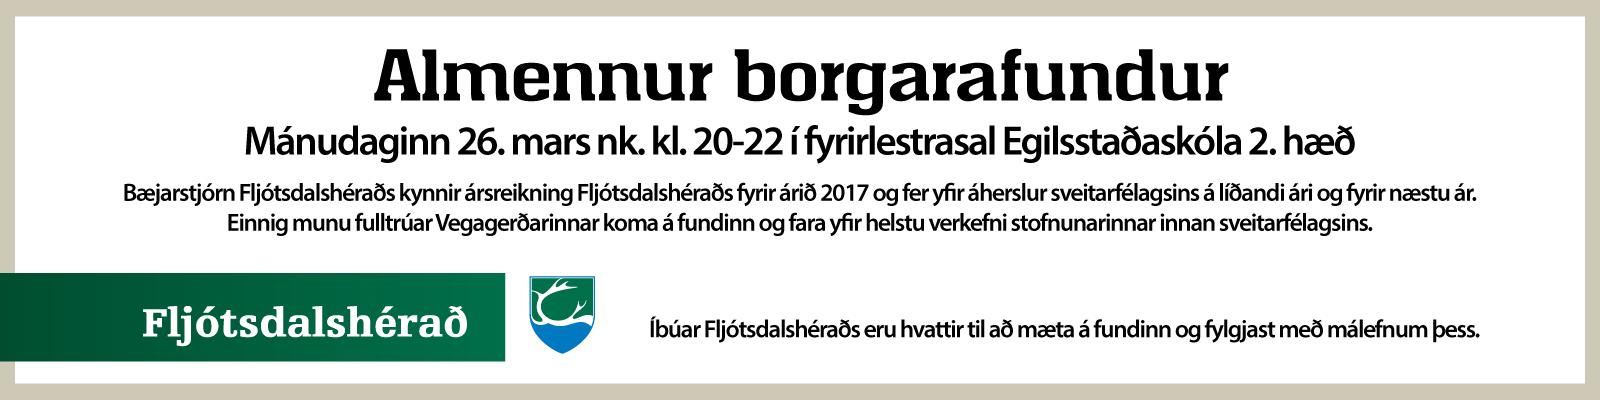 Fljótsdalshérað - Ársreikningskynning 2018